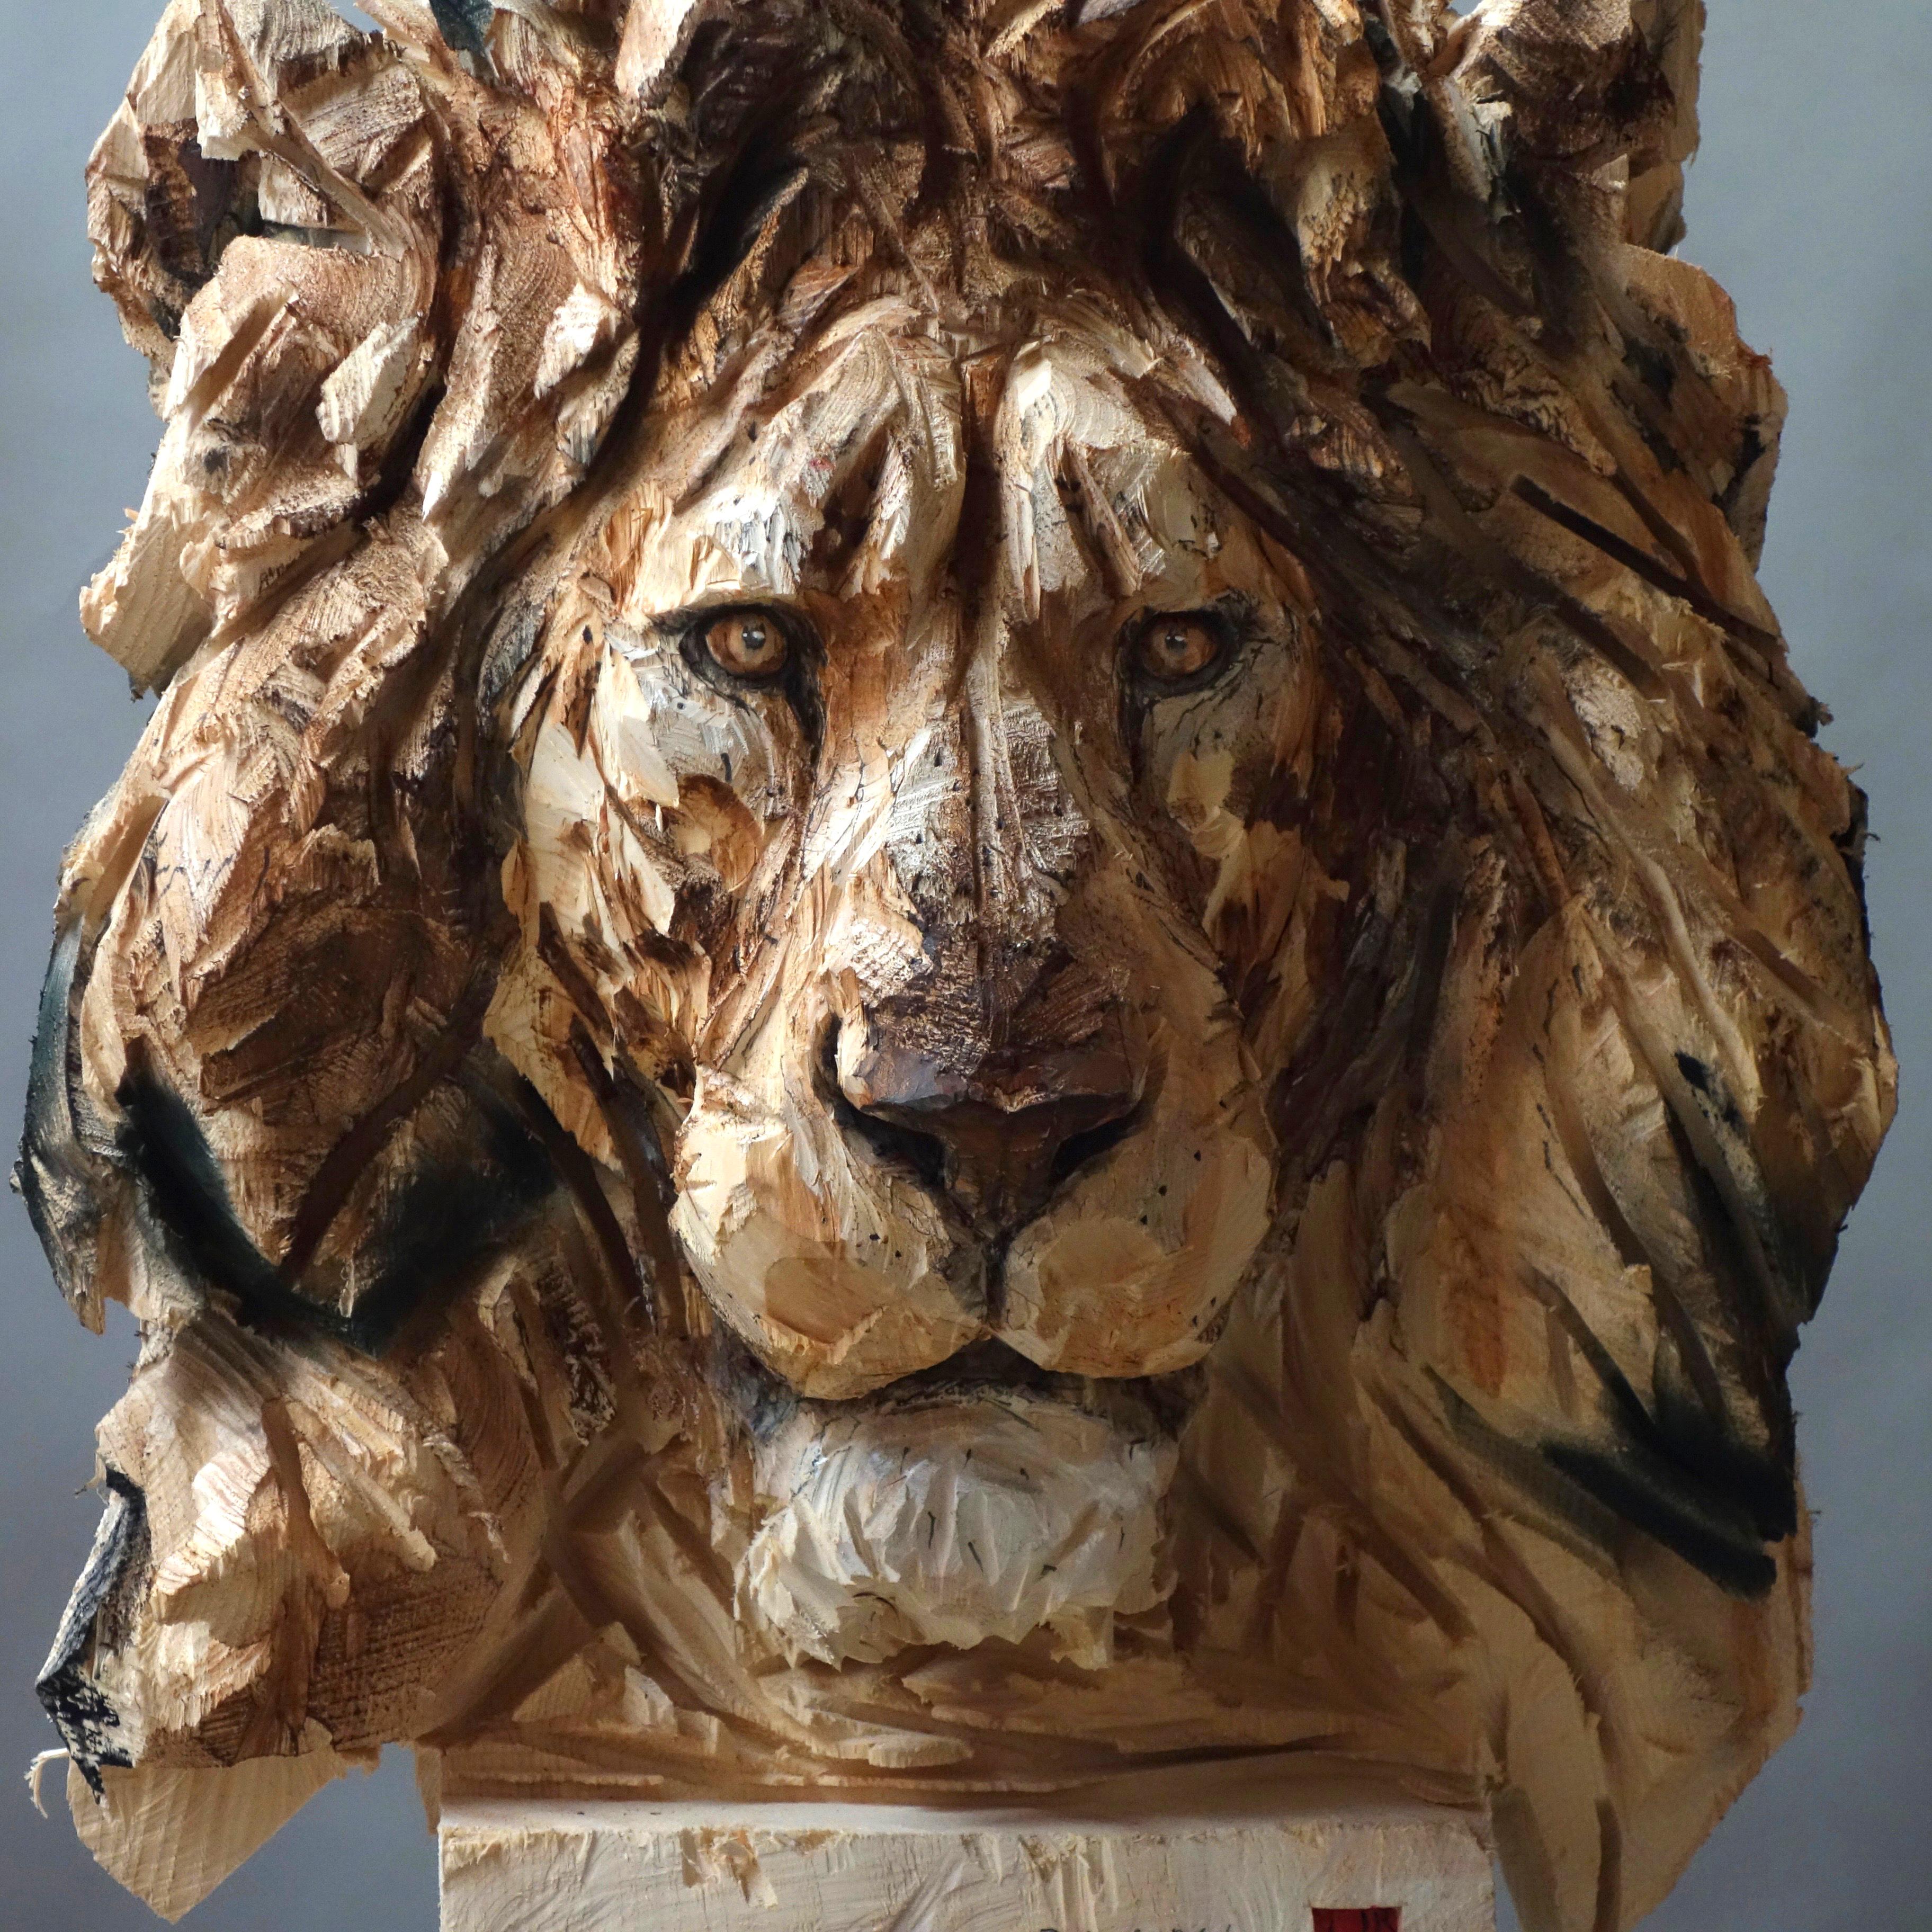 Buste De Lion, detail - 20.10.17 - 169 x 62 x 52 cm